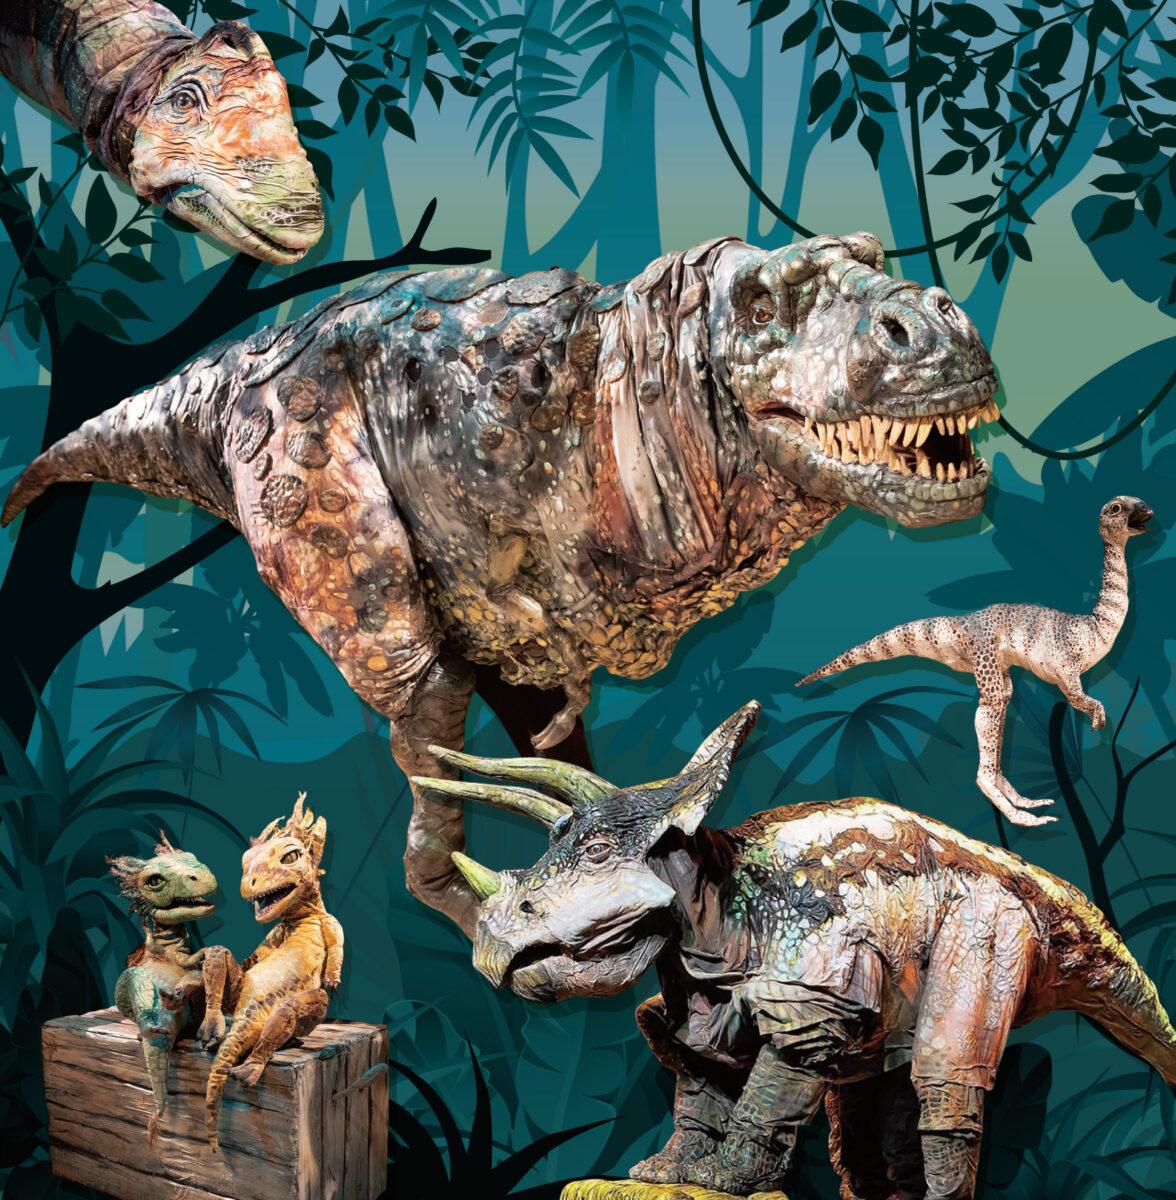 家族全員で、楽しく学べるリアル恐竜ショー  「恐竜パーク」が夏休みに開催決定!